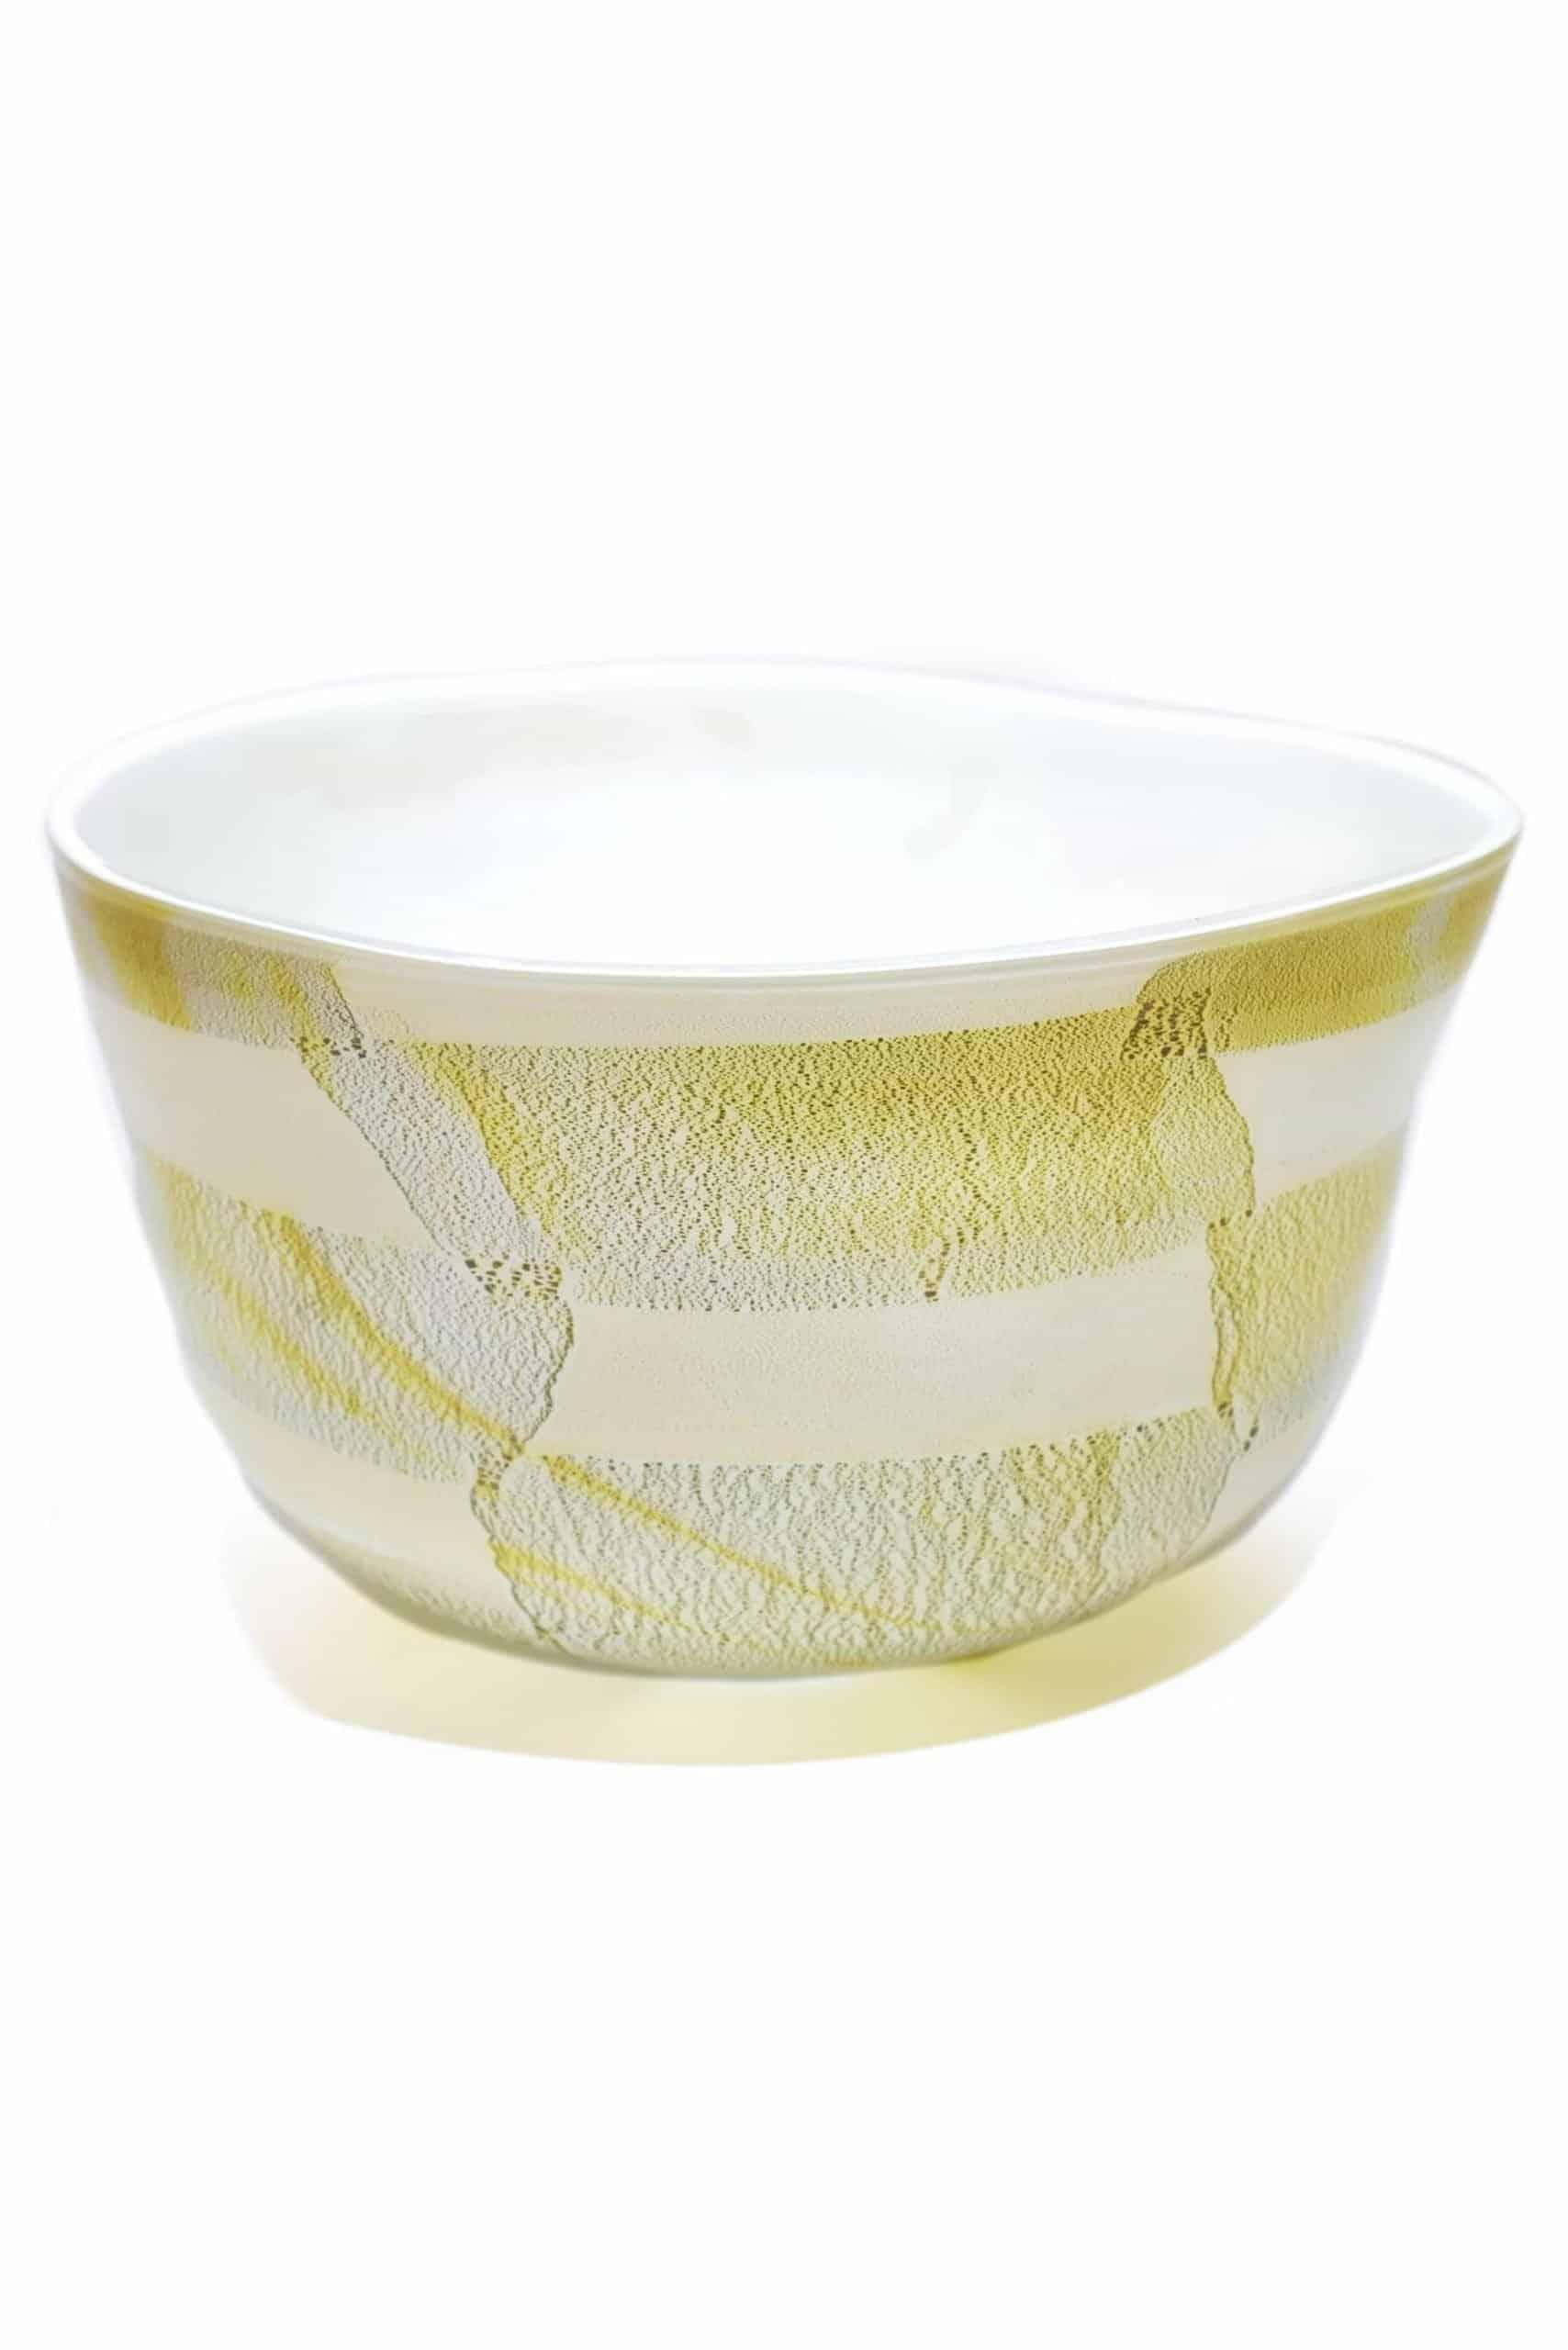 Glasmittelwand mit Blattgold